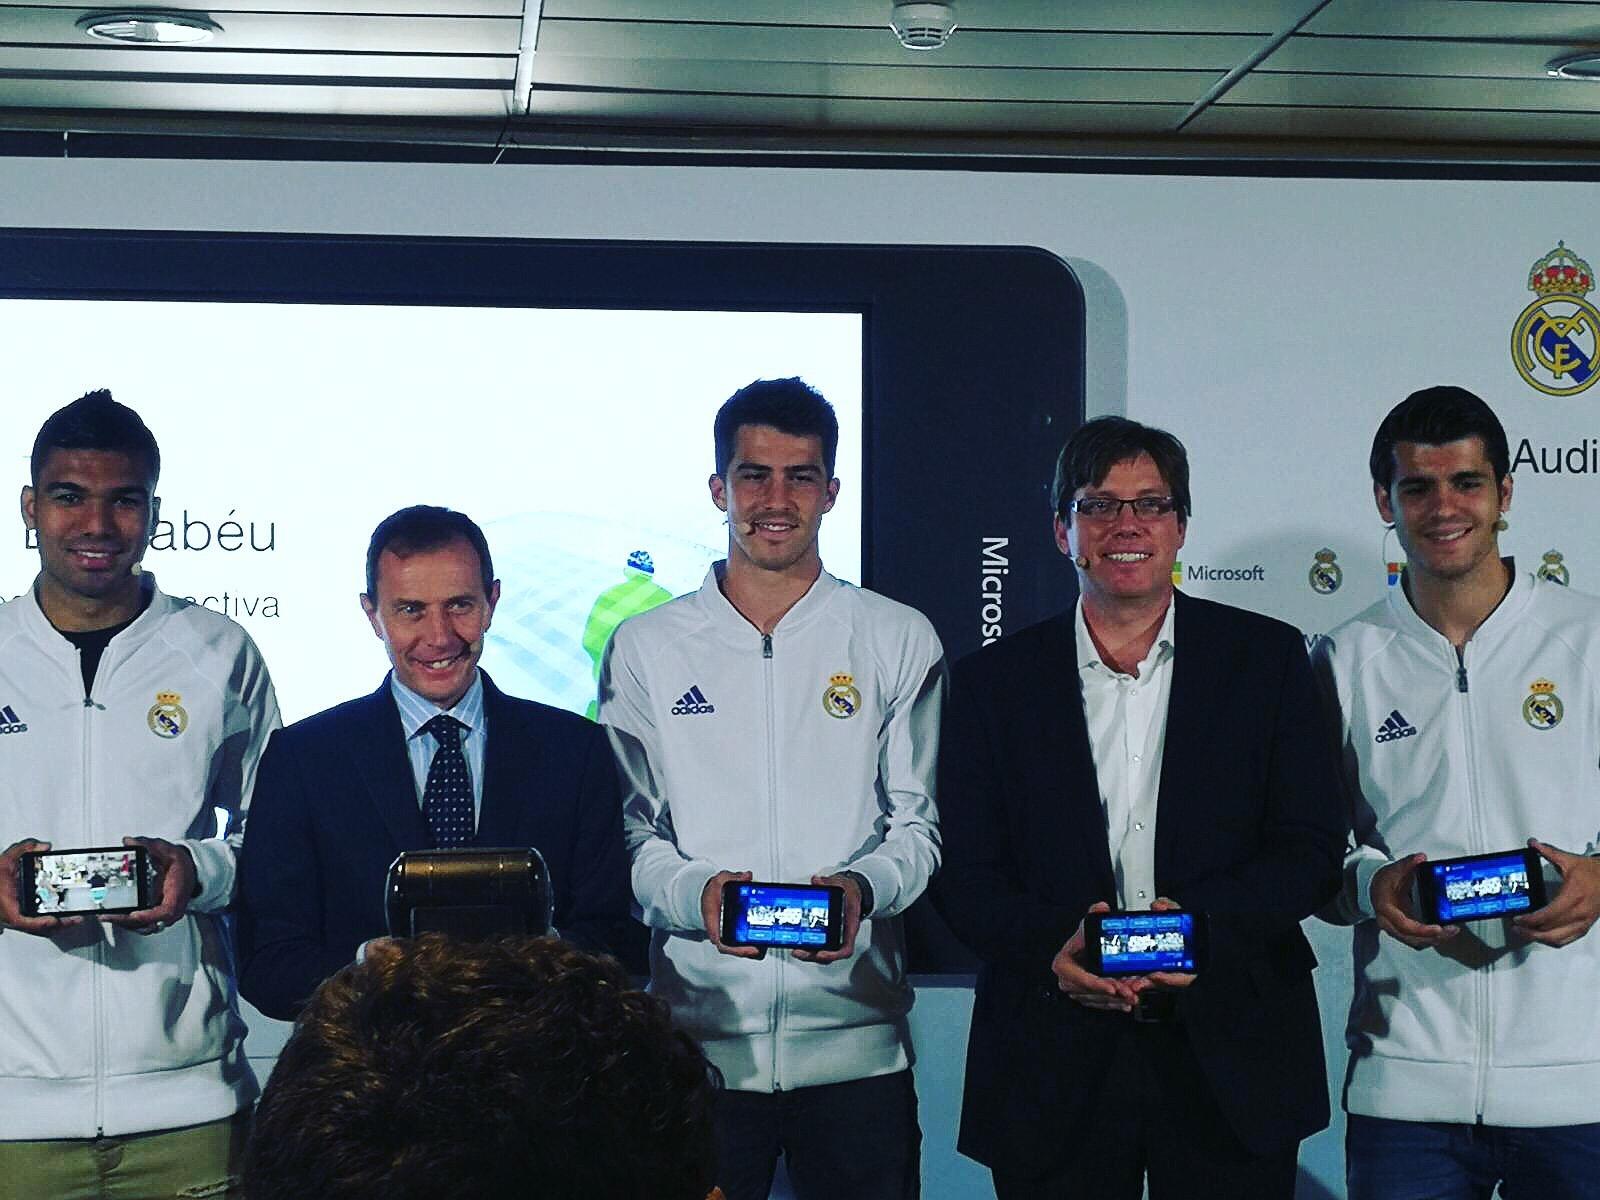 El Tour del Bernabéu estrena su Audioguía interactiva 1